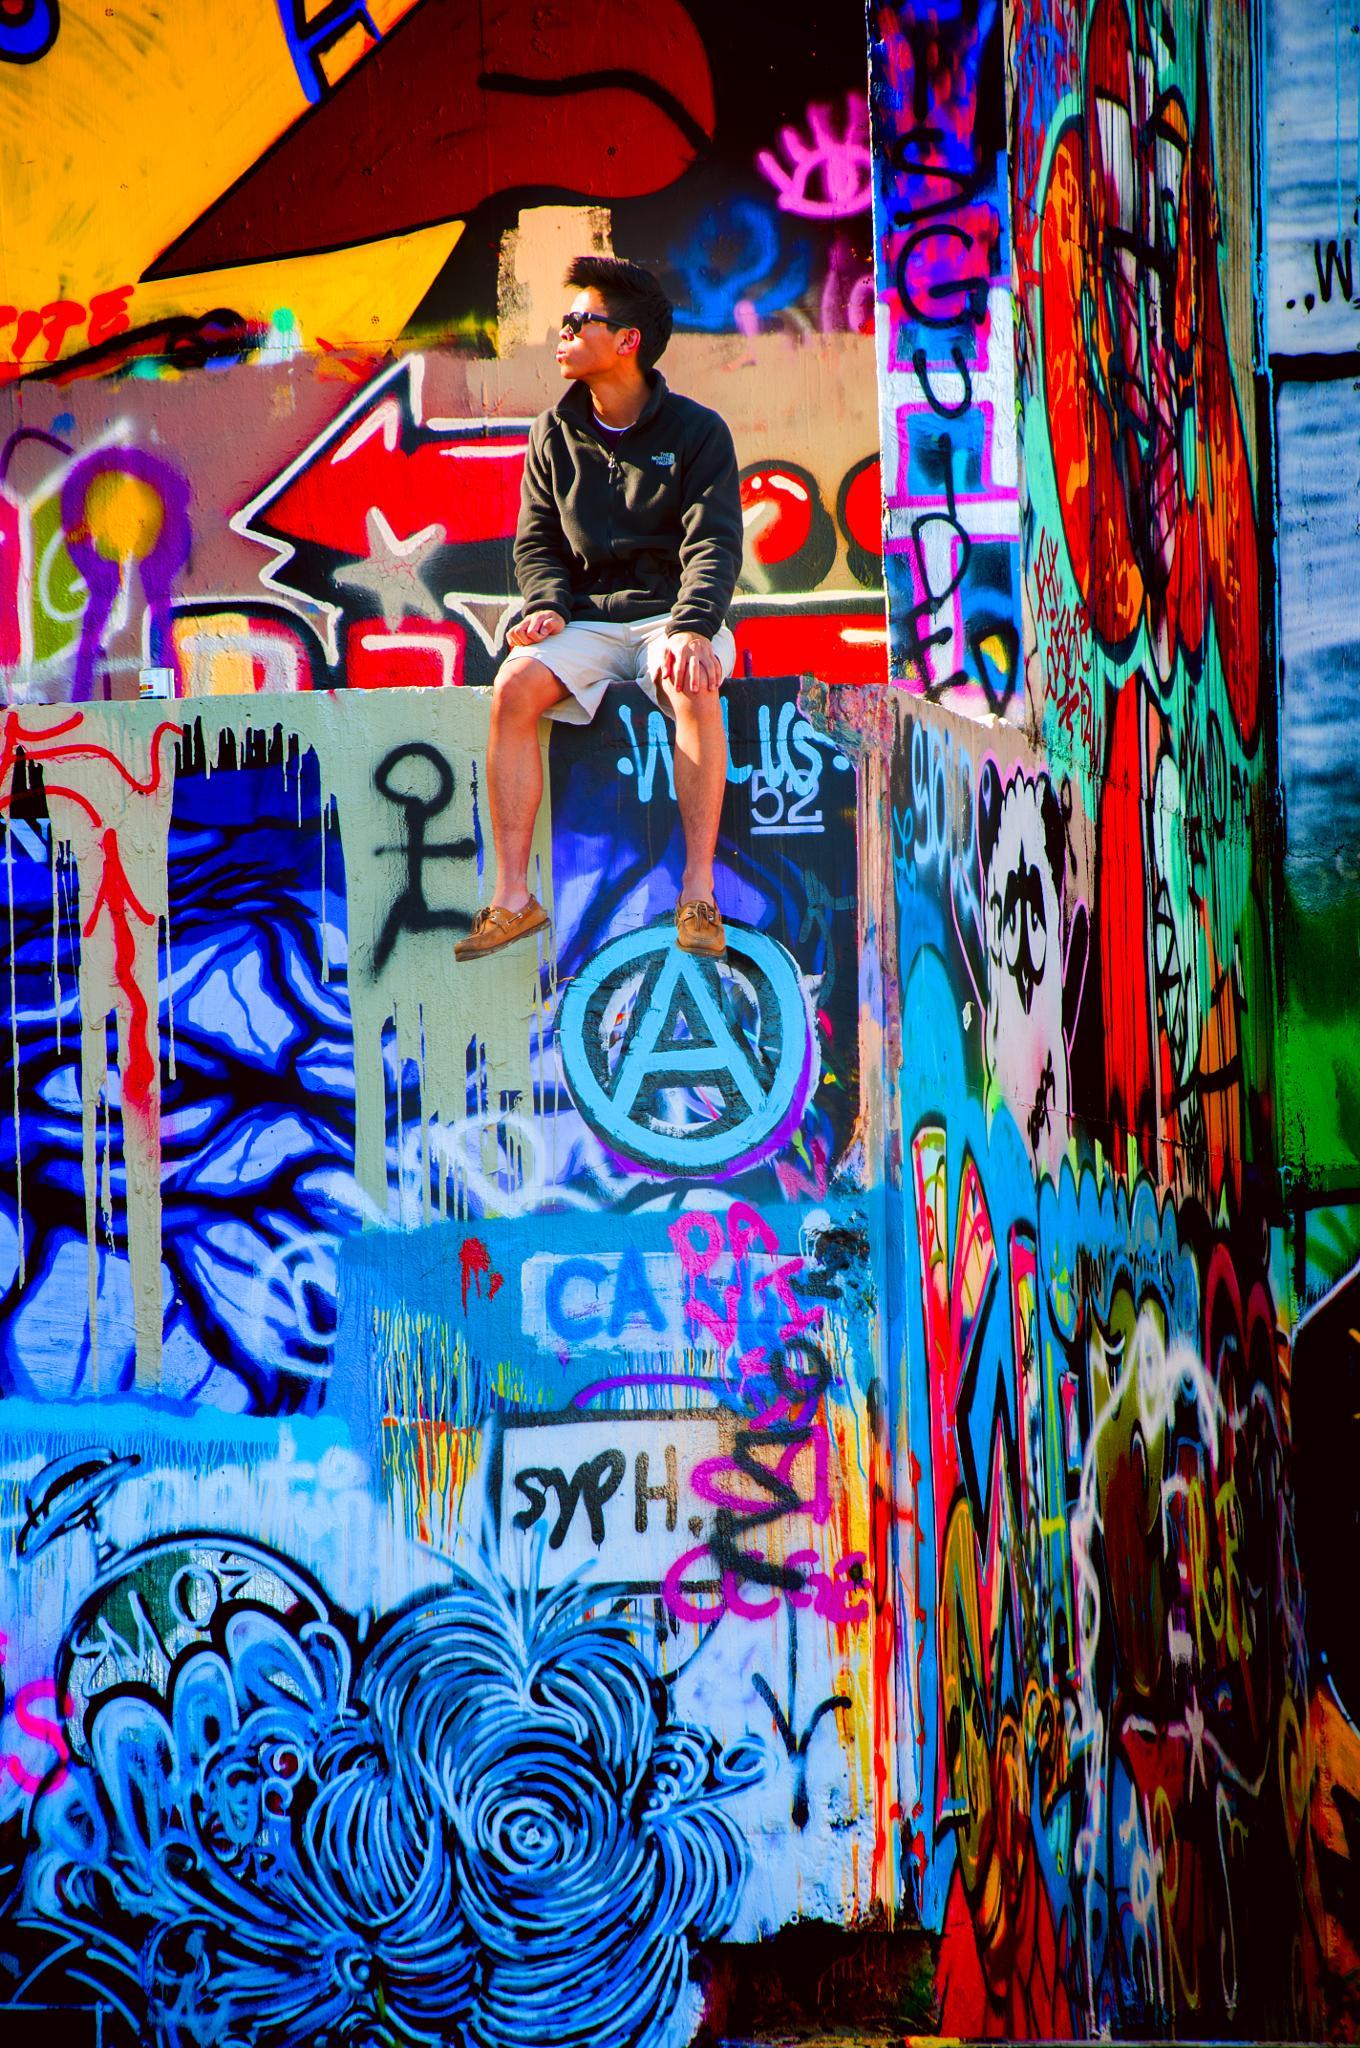 Graffitti by AlexisGarcia